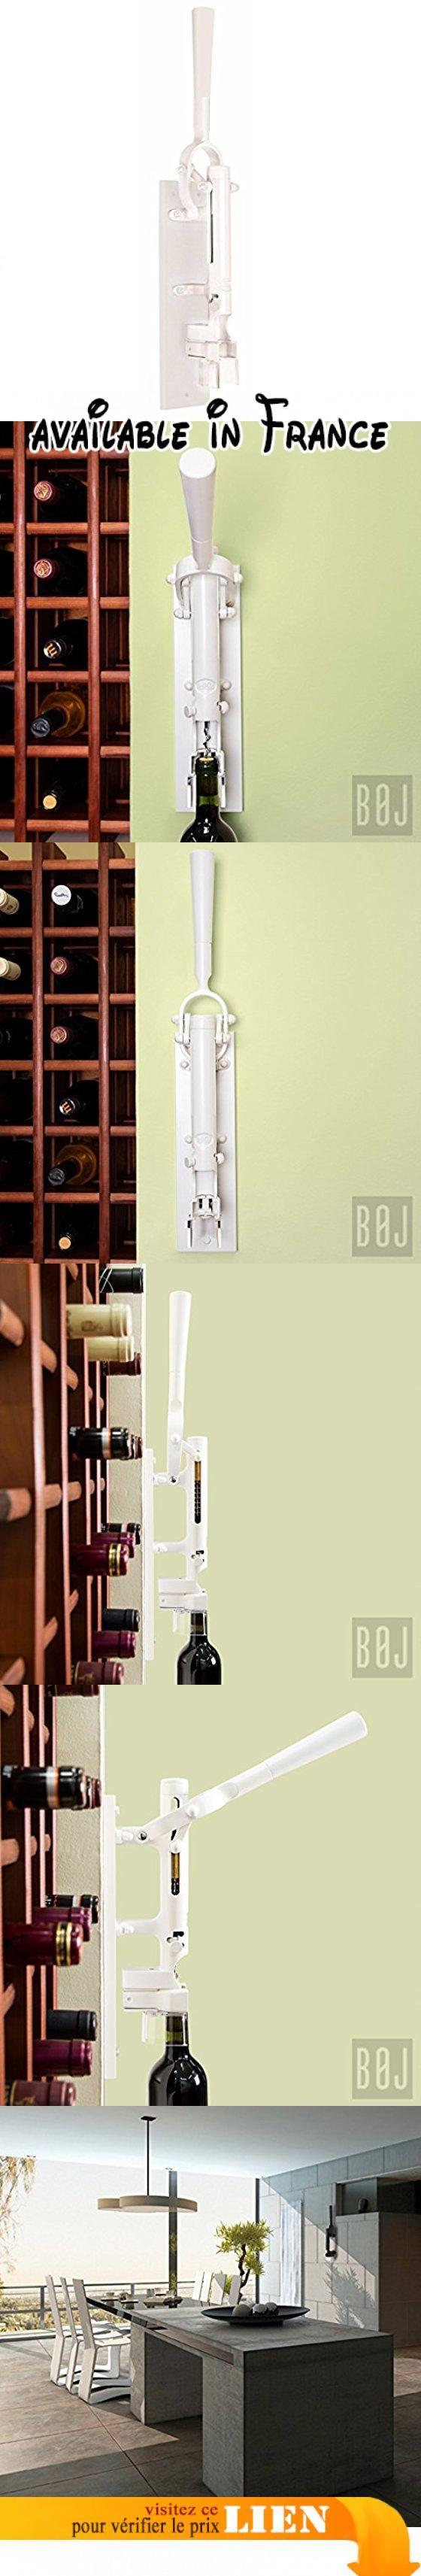 Tire-bouchon Professionnel Mural BOJ avec soporte (couleur bordeaux). FONCTIONNEMENT: Le levier de déclenchement mesure 30 centimètres dans le but de maximiser la puissance d'extraction. La hauteur totale du tire-bouchon est de 55 centimètres. Pour lancer le processus il faut placer la bouteille de vin sur le support inférieur. Il n'est pas nécessaire de la soutenir avec la main lors du processus d'extraction du bouchon. Le tire-bouchon mural est conçu et construit